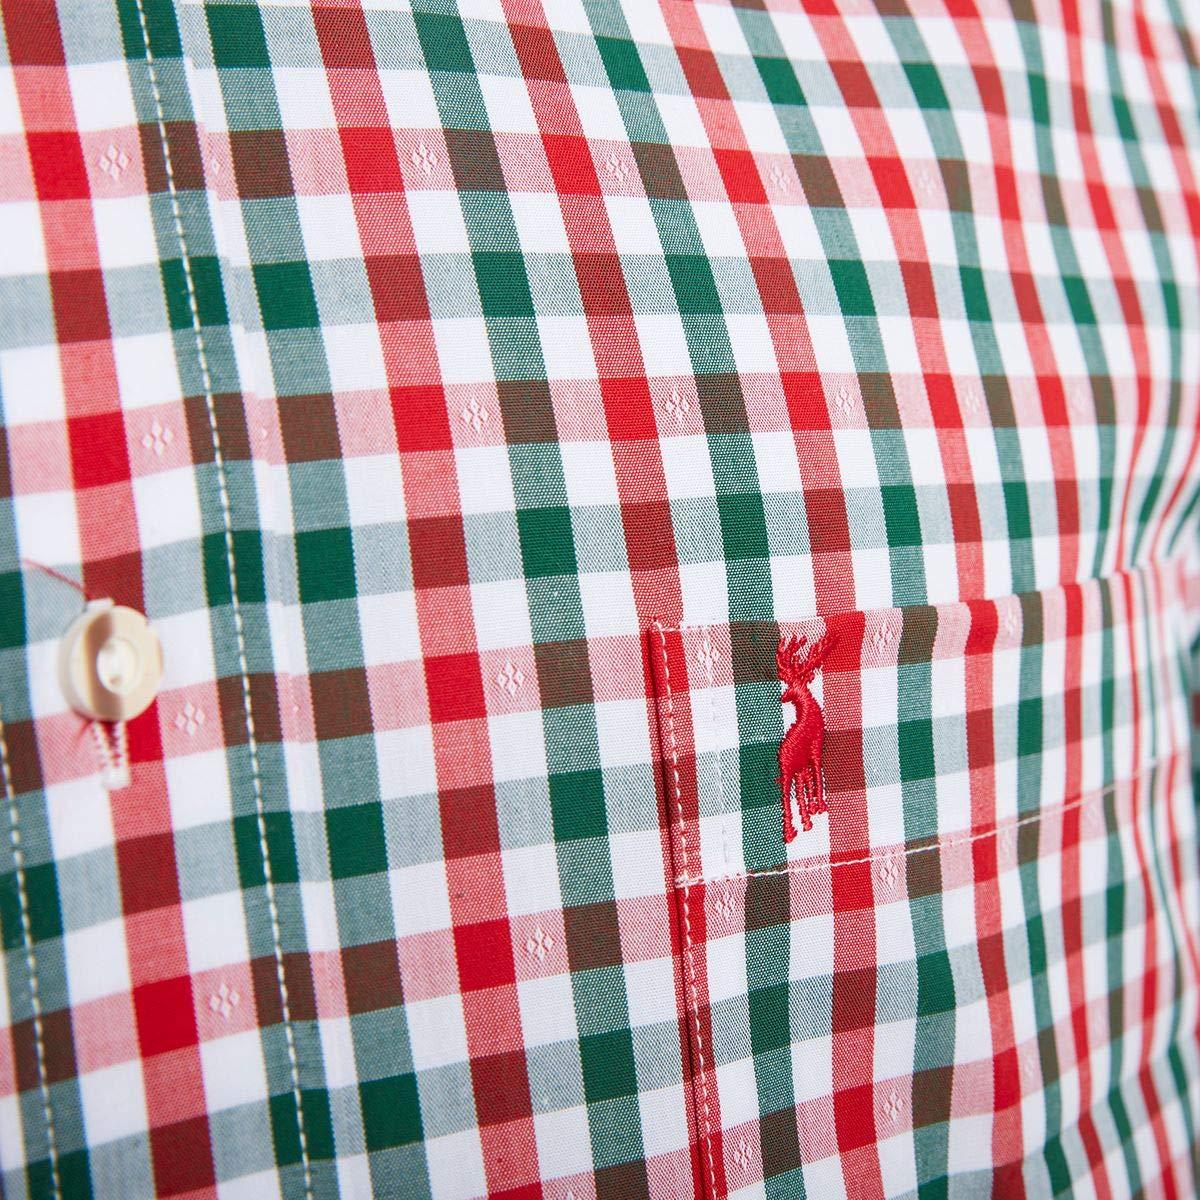 Almsach Almsach Almsach Herren Trachtenhemd Regular-Fit Trachten-Mode traditionell-kariert s-XXL viele Farben B07K9RP4MP Trachtenhemden Einzigartig 5aa13b